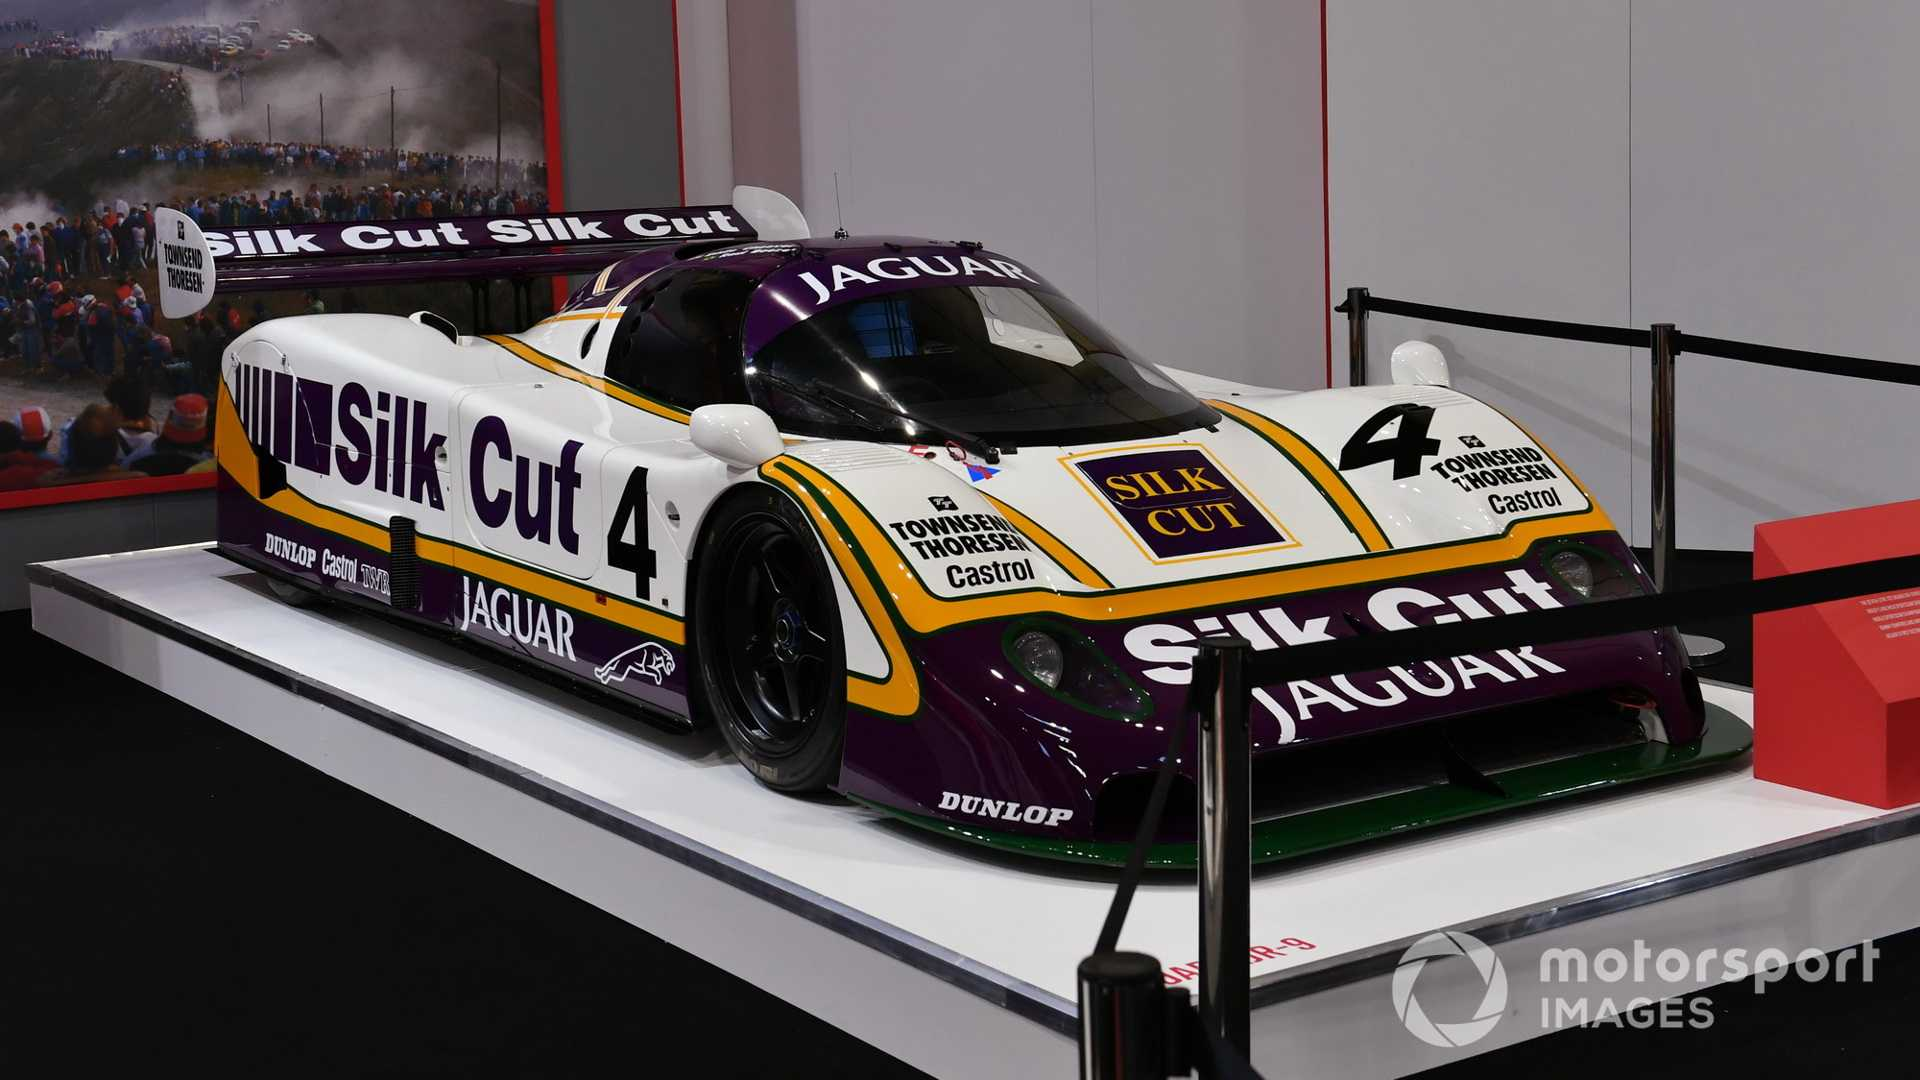 Designer's view: Explaining the Jaguar XJR-9 Le Mans legend